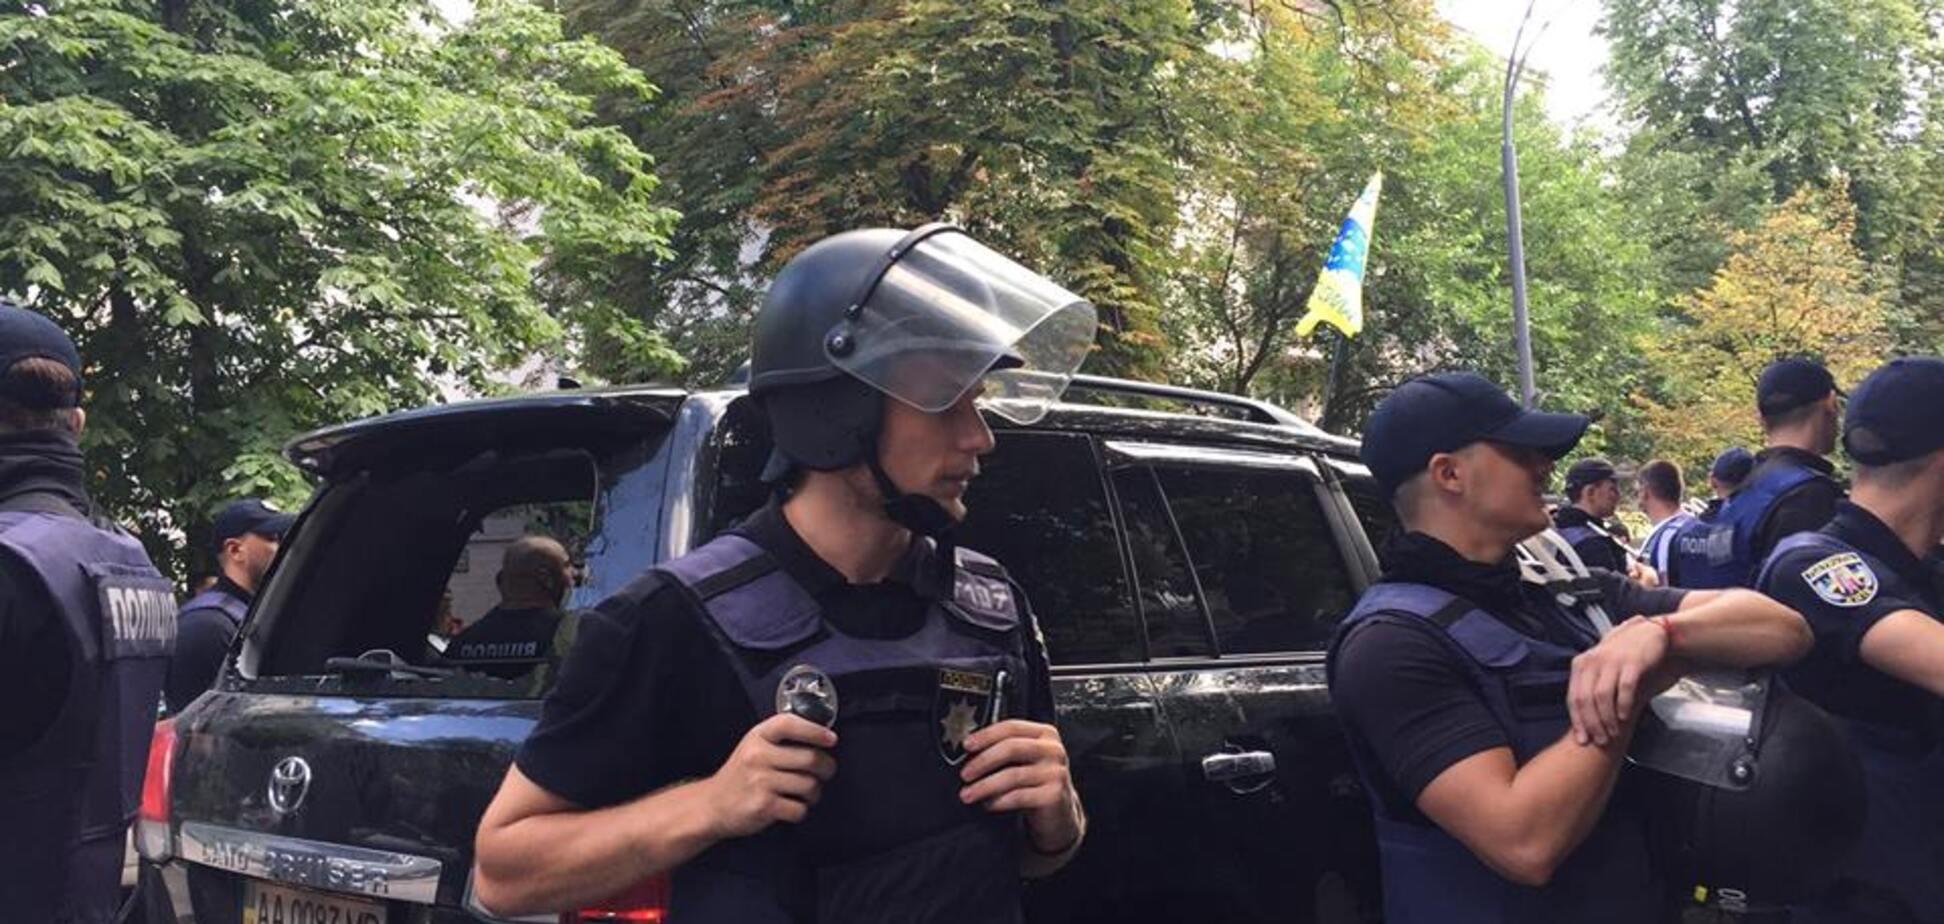 Авто нардепа сбило активиста под Радой: все подробности